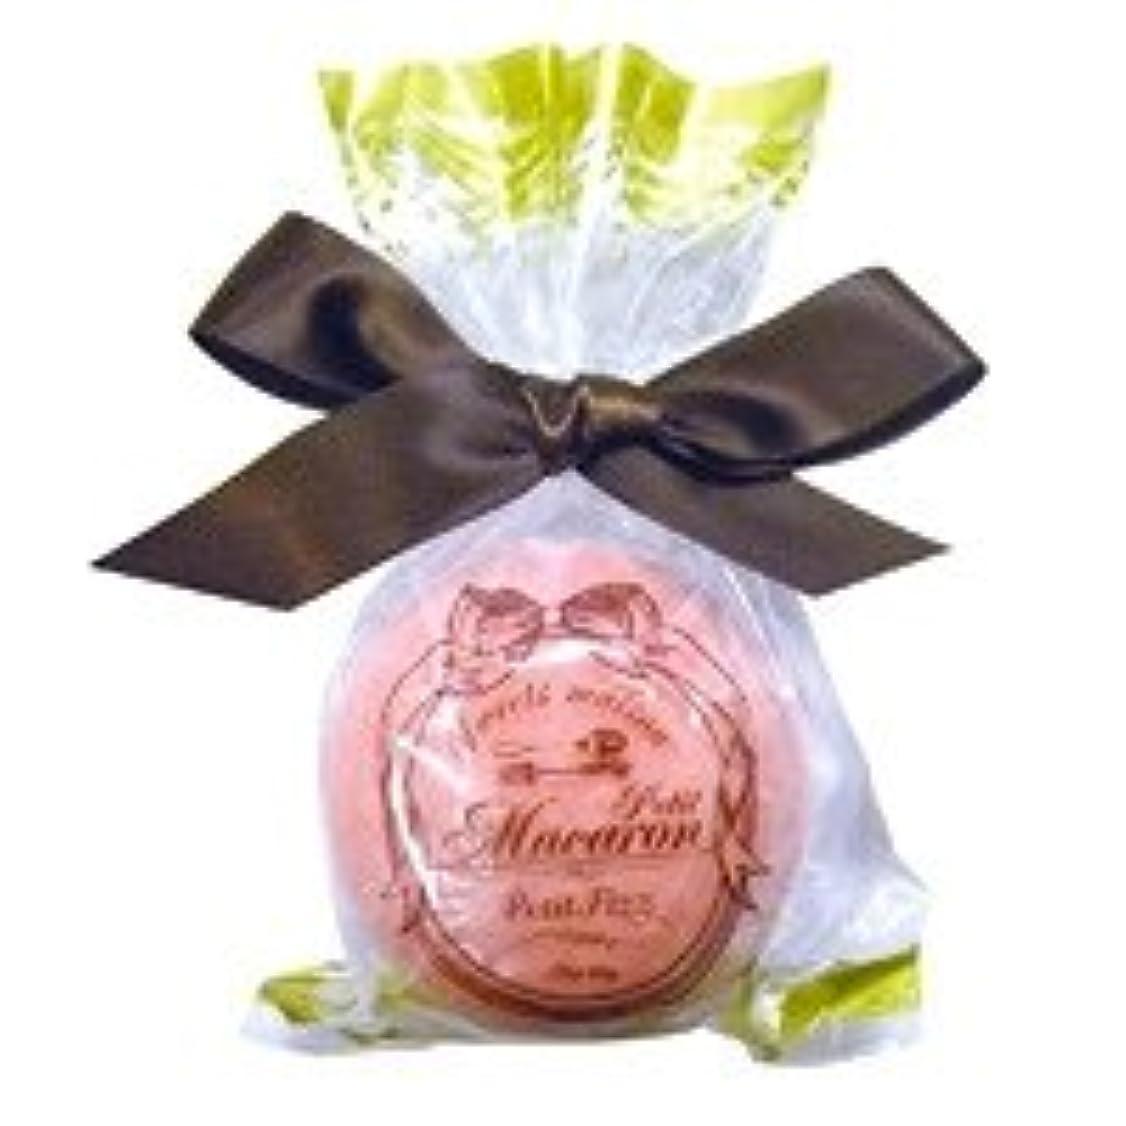 マラウイ元気ムスタチオスウィーツメゾン プチマカロンフィズ「ダークピンク」12個セット 華やかなローズの香り